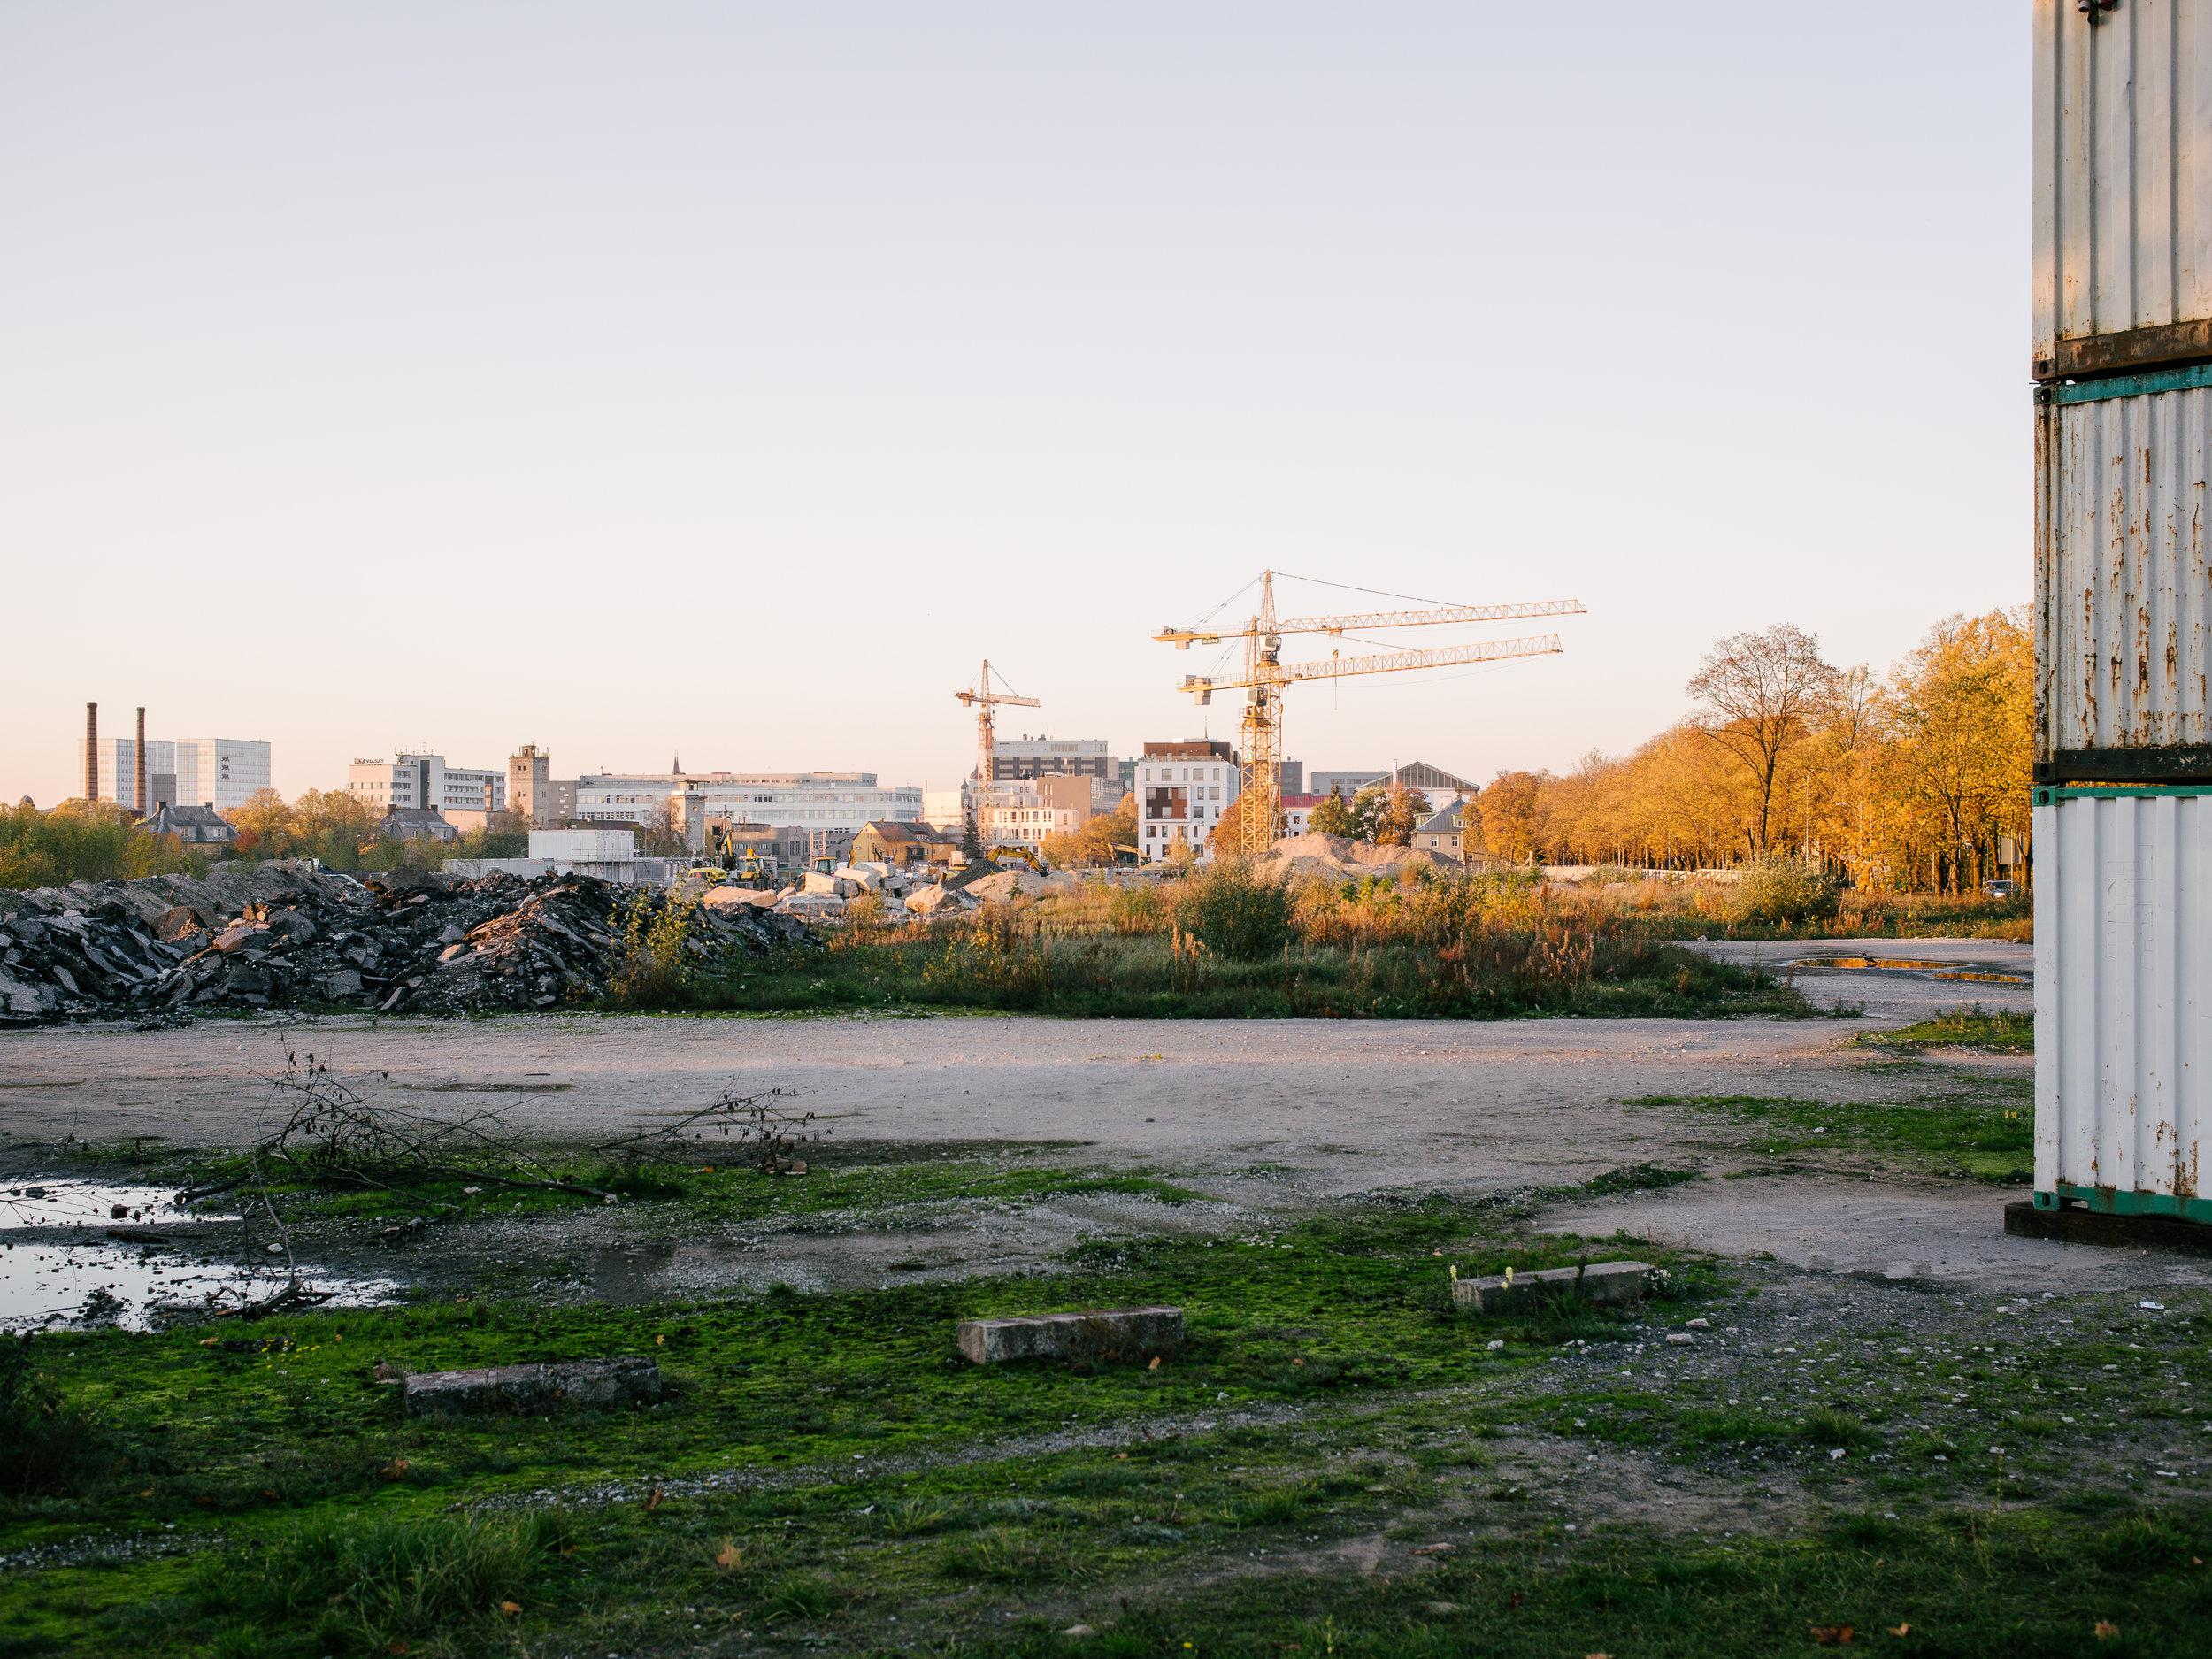 Veerenni, Tallinn, Estonia, October 2018